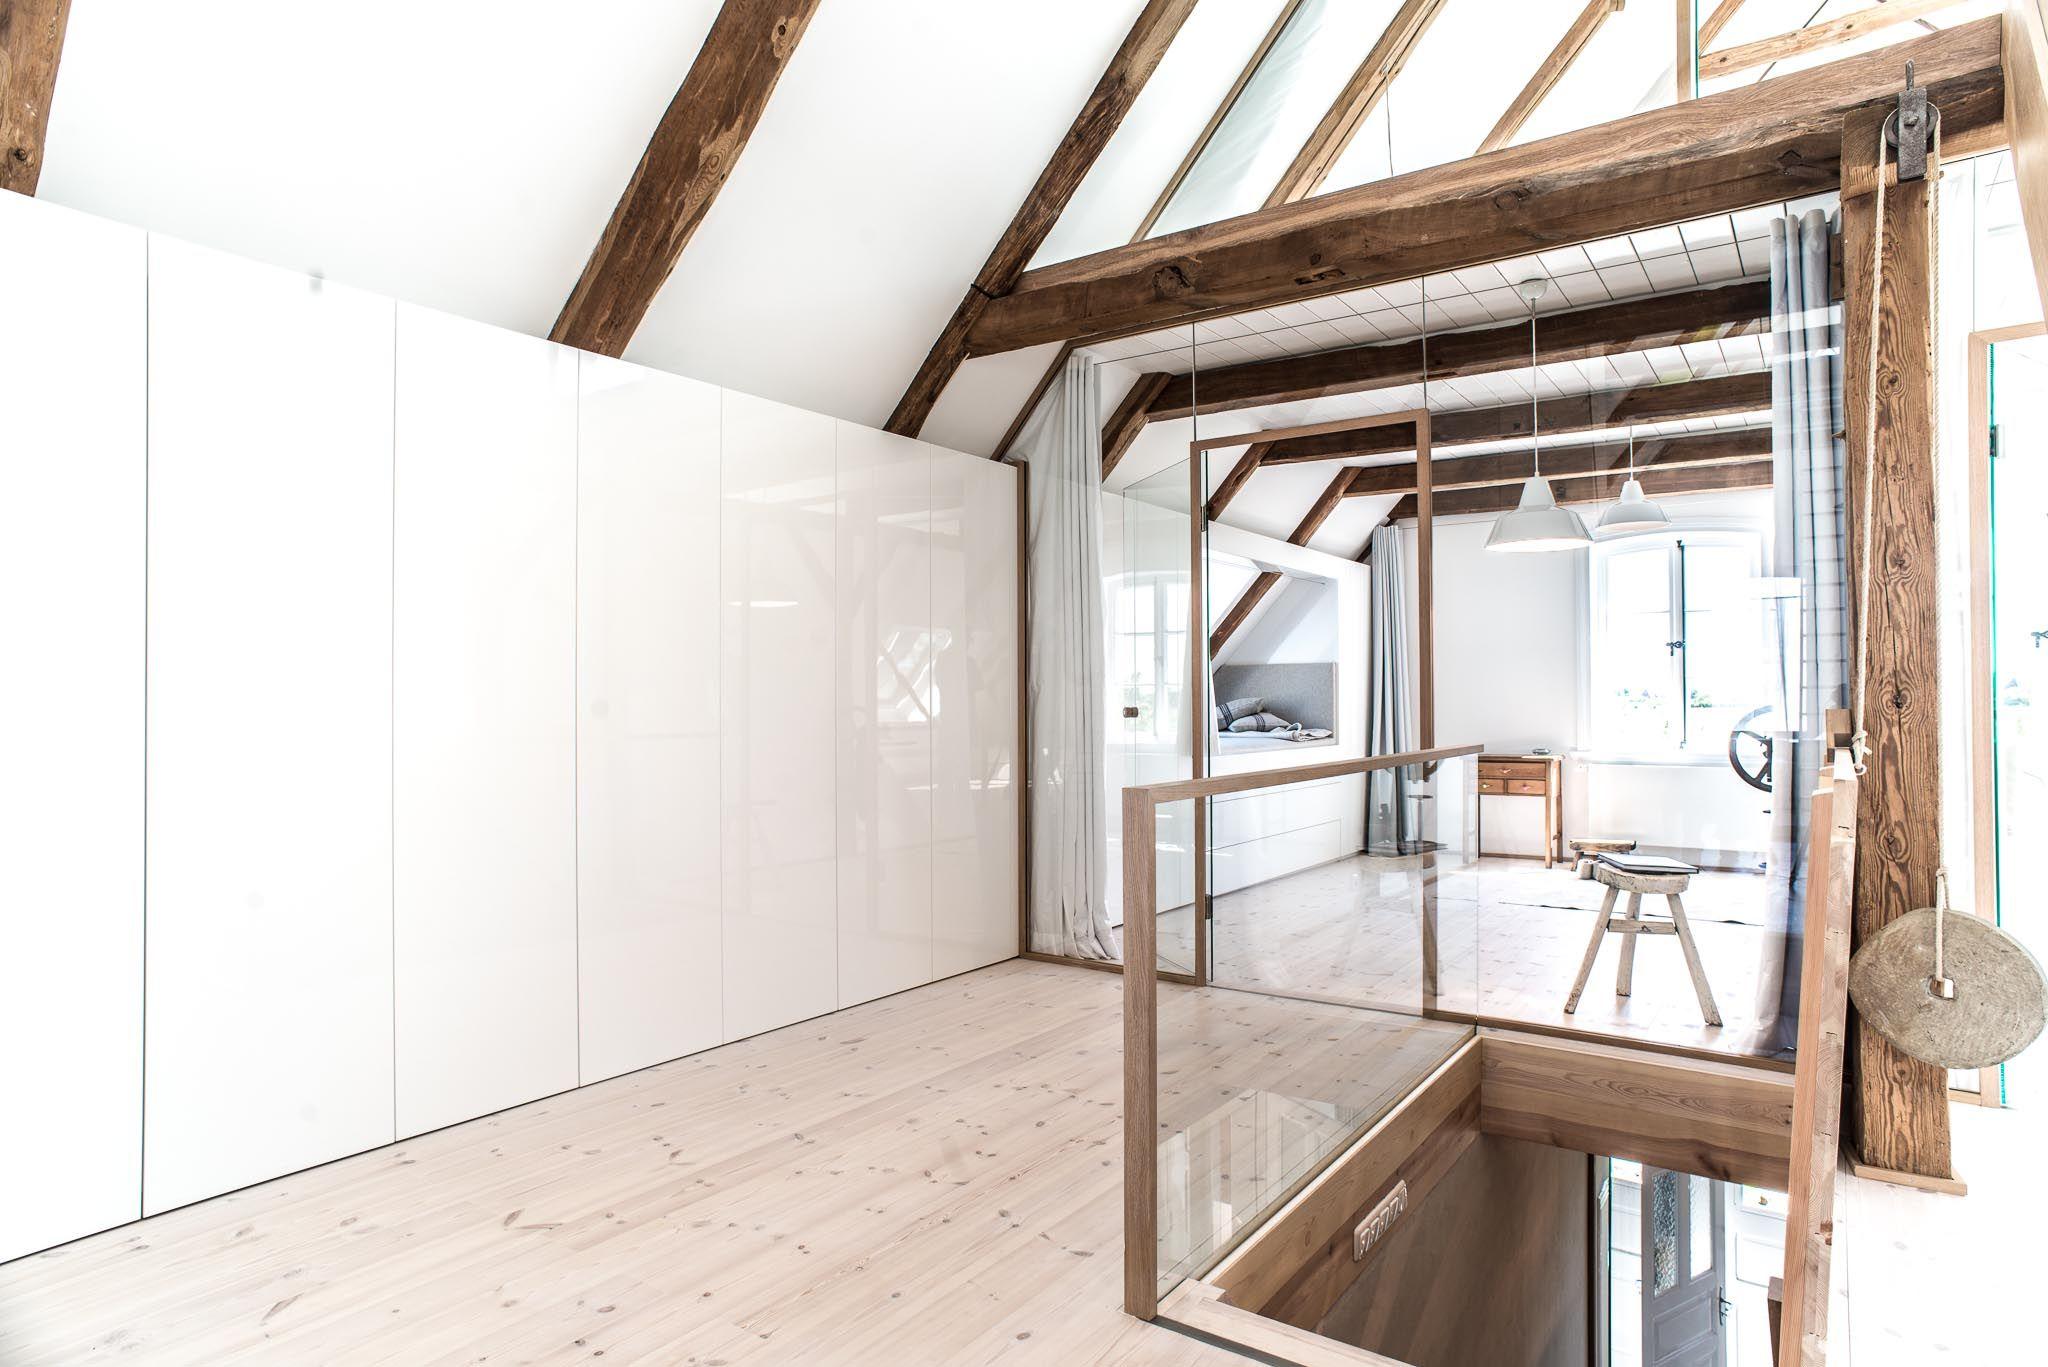 Sprossenfenster modern  vorhang, holzboden, weiss, lack, balken, schrankwand, modern ...